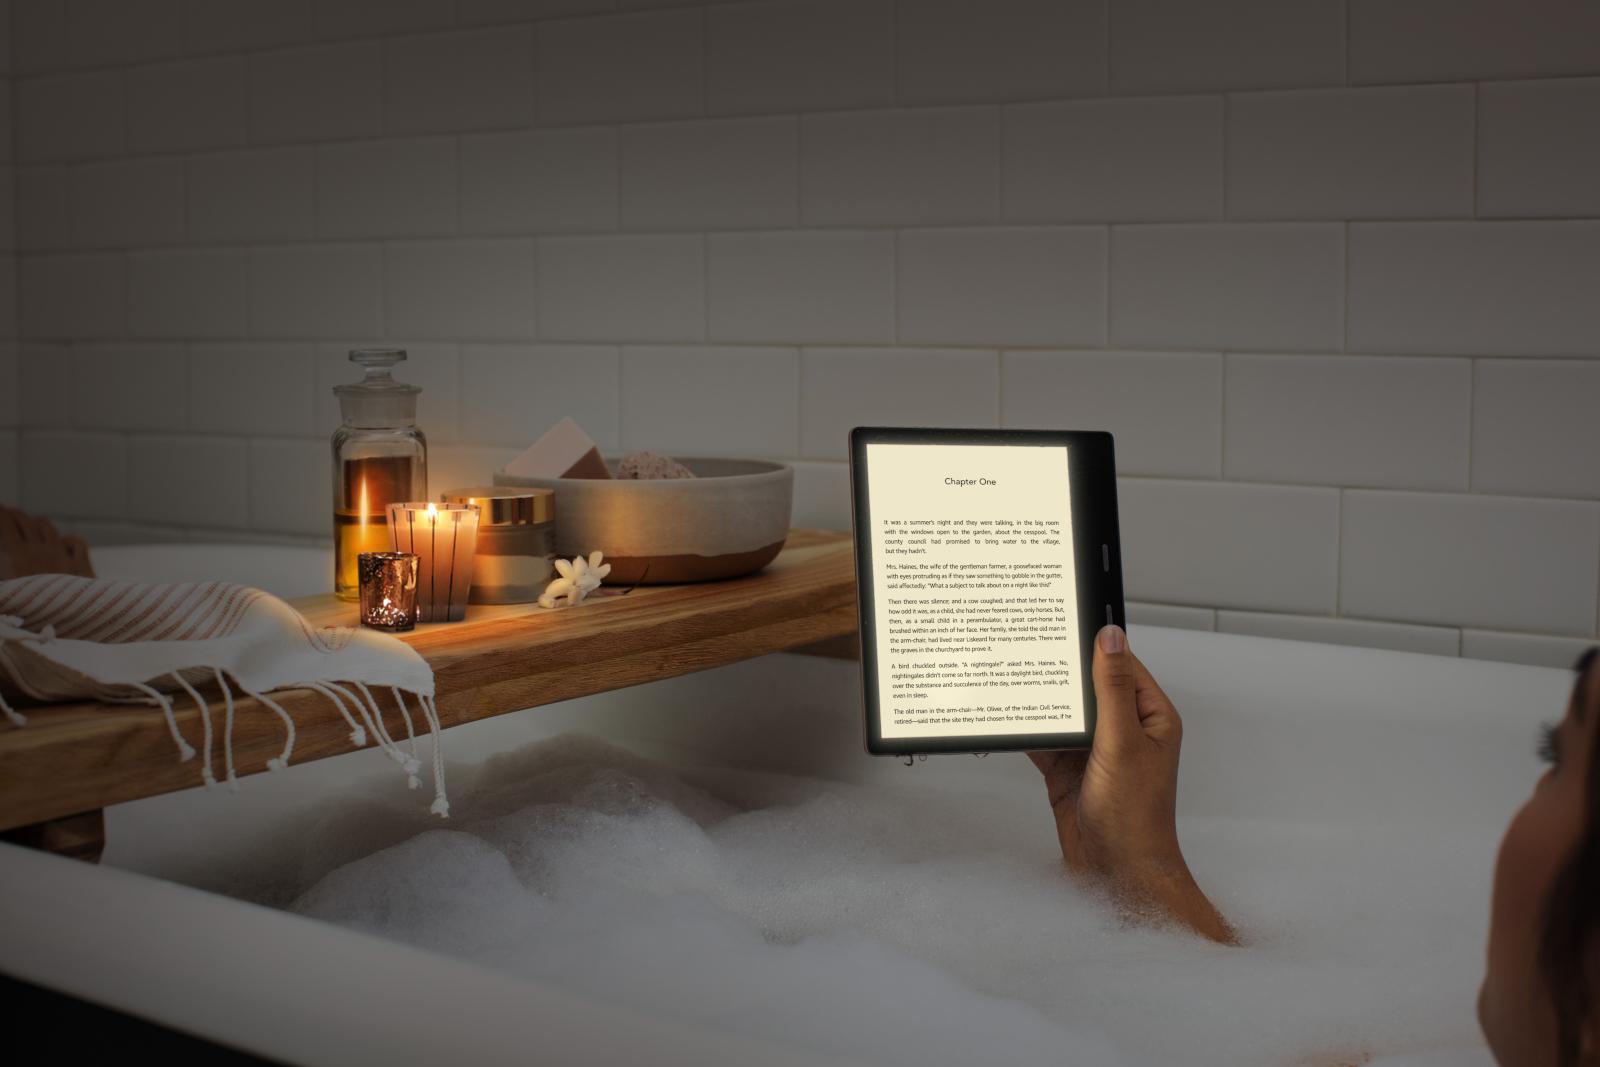 Amazon lança novo Kindle Leitor eletrônico Oasis com luz frontal ajustável em cores 1